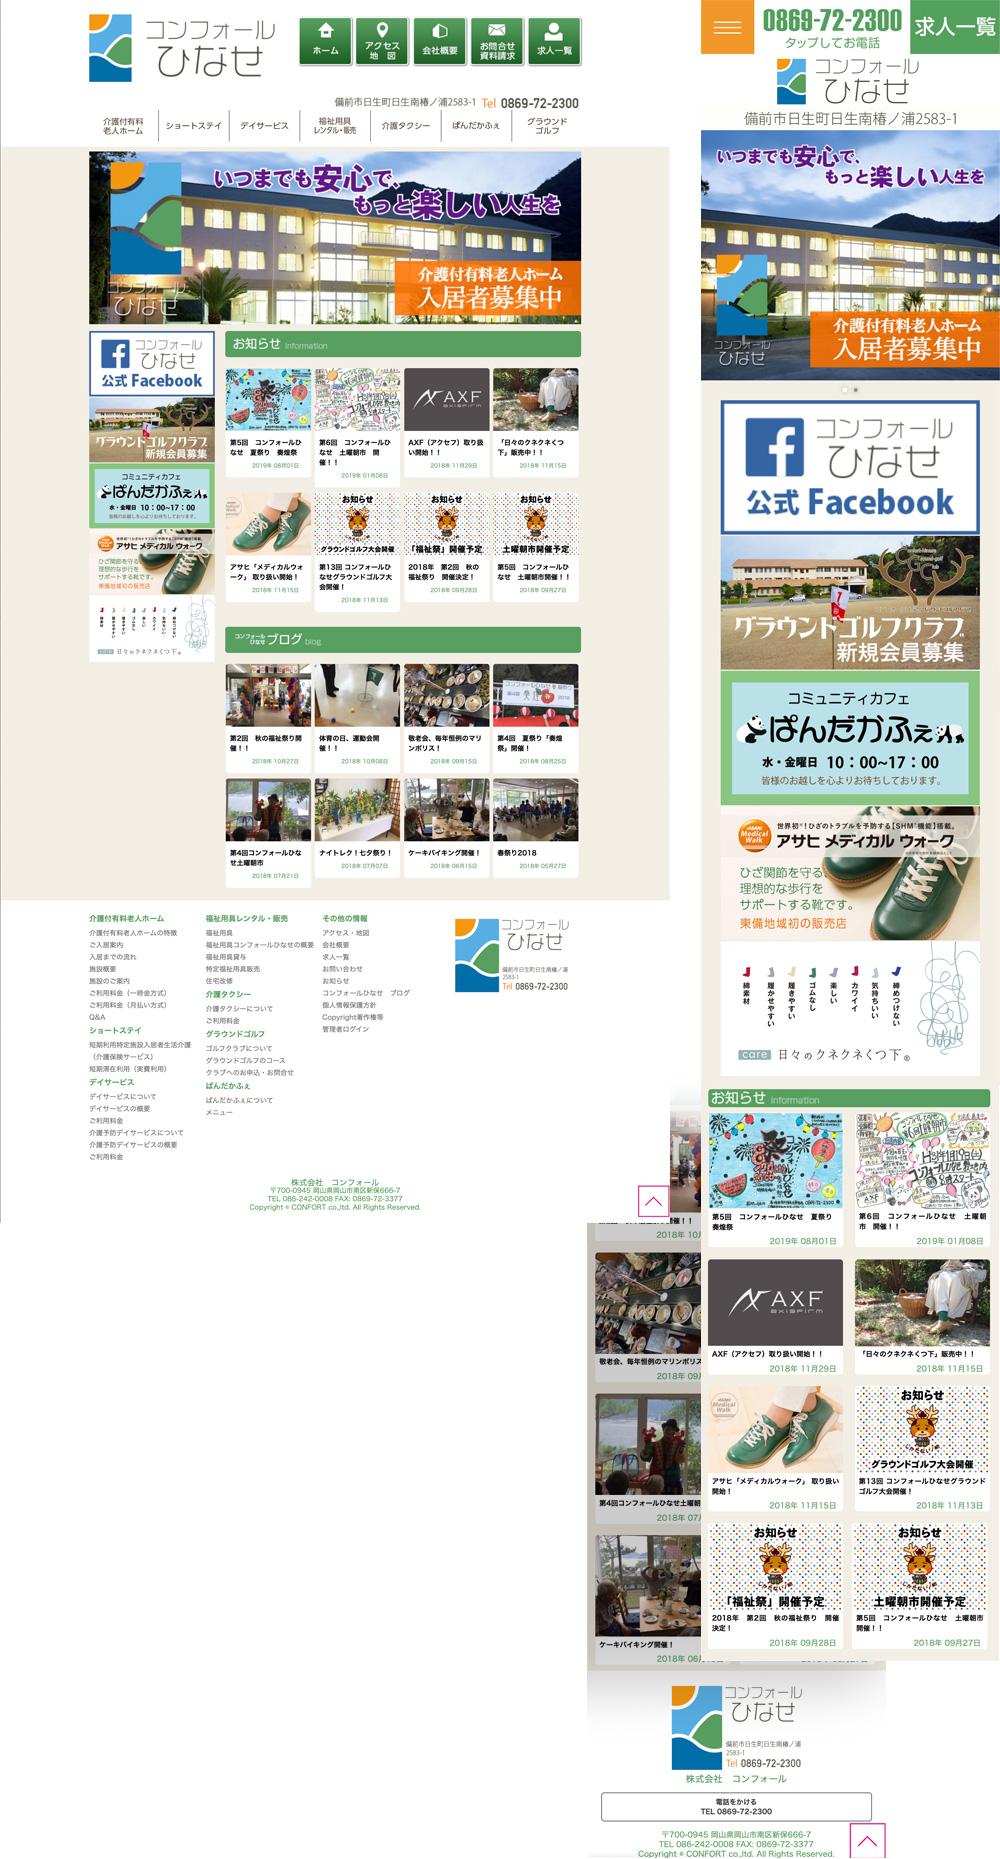 高齢者施設 岡山県 ウェブサイト